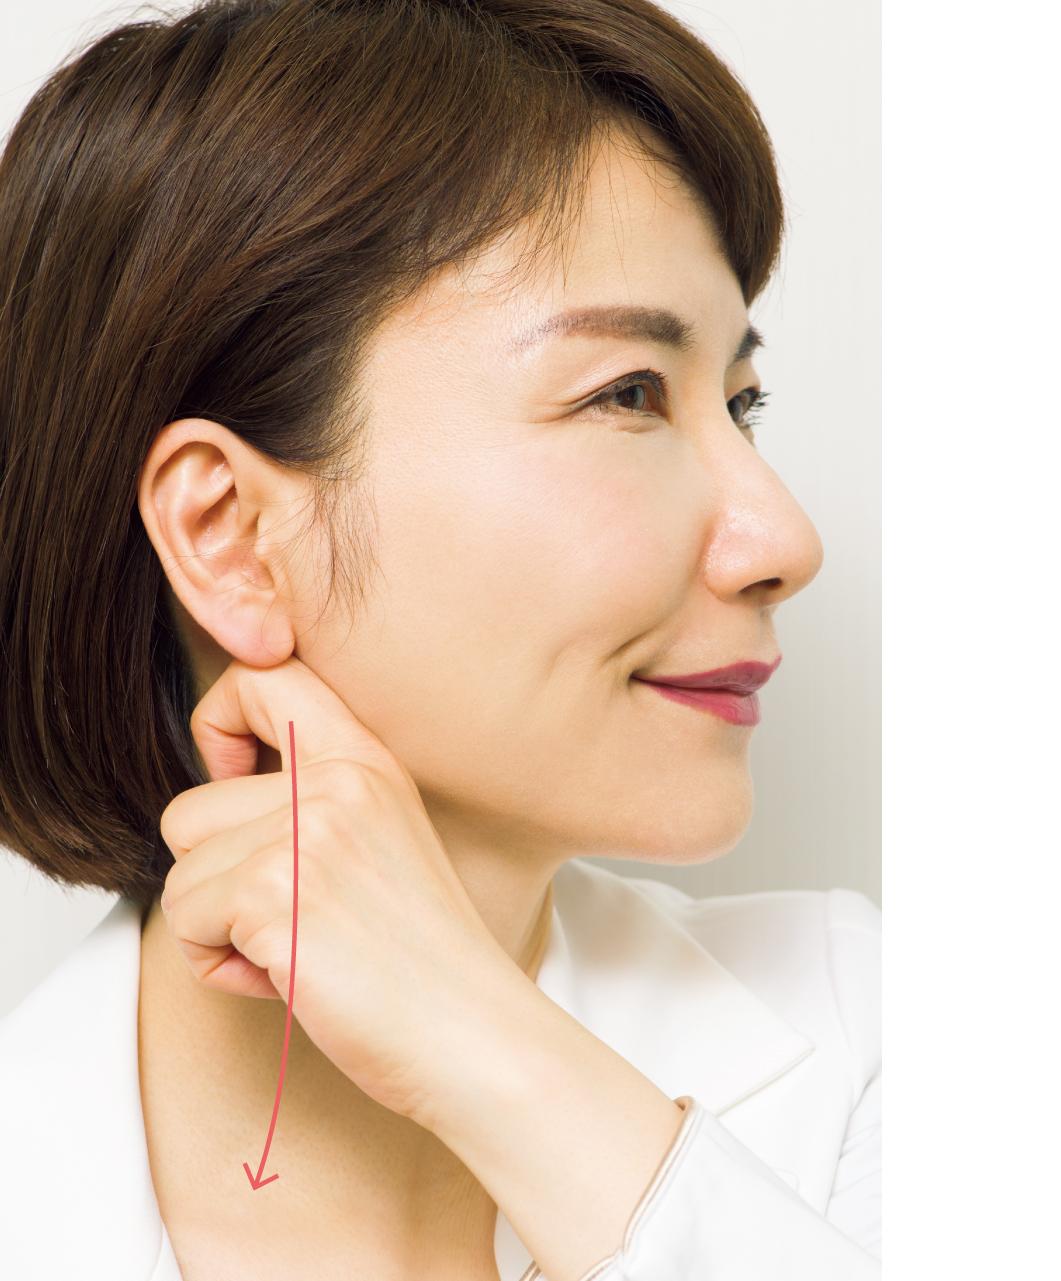 ほぐれた脂肪の老廃物を耳下から鎖骨のくぼみへ流す